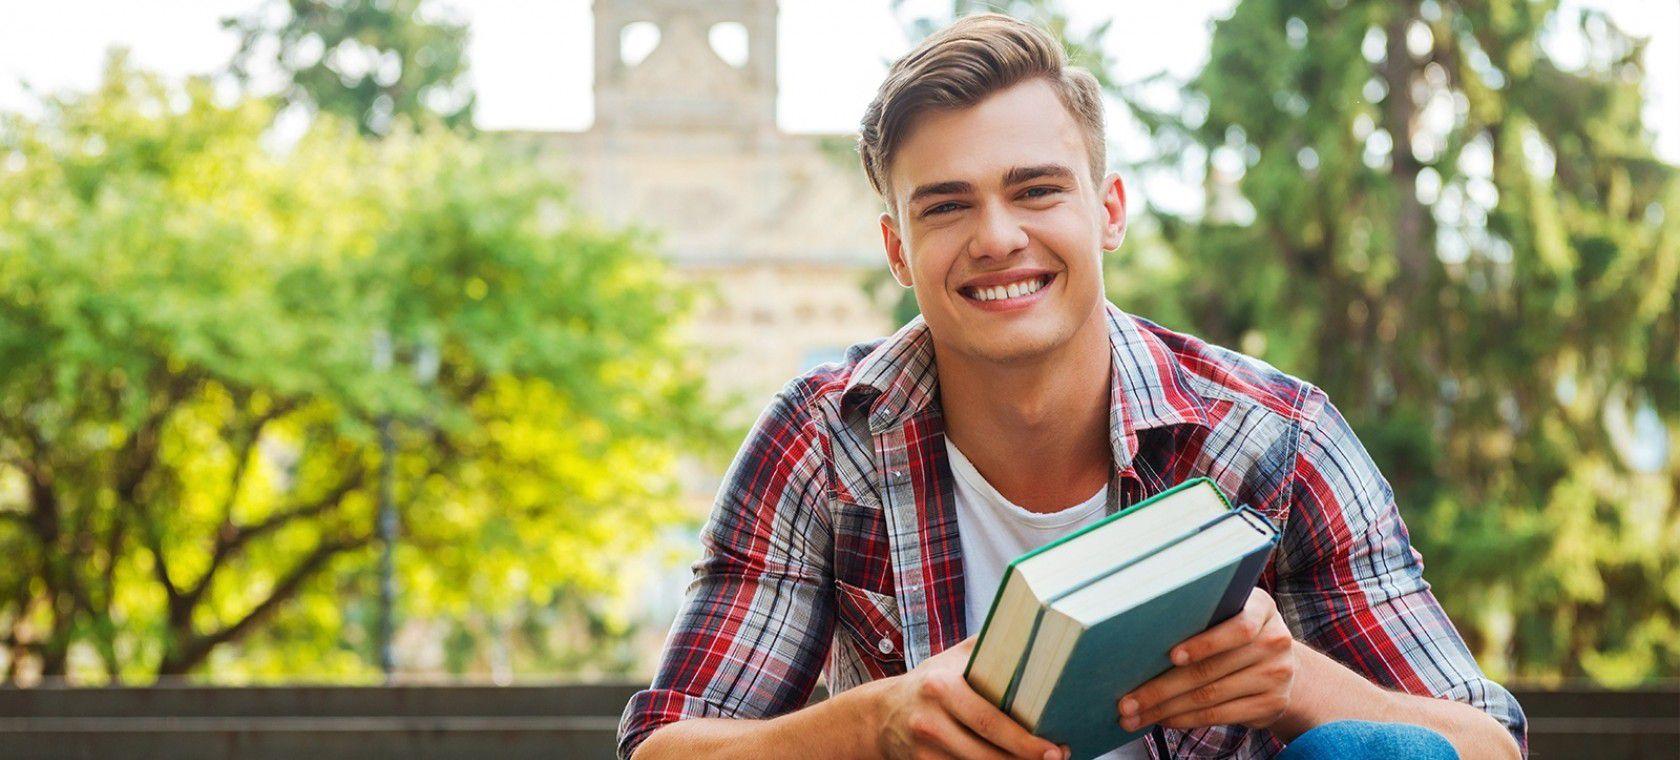 Amerika Lise Eğitimi SLEP Sınavı Başvursu Koşulları Nelerdir?